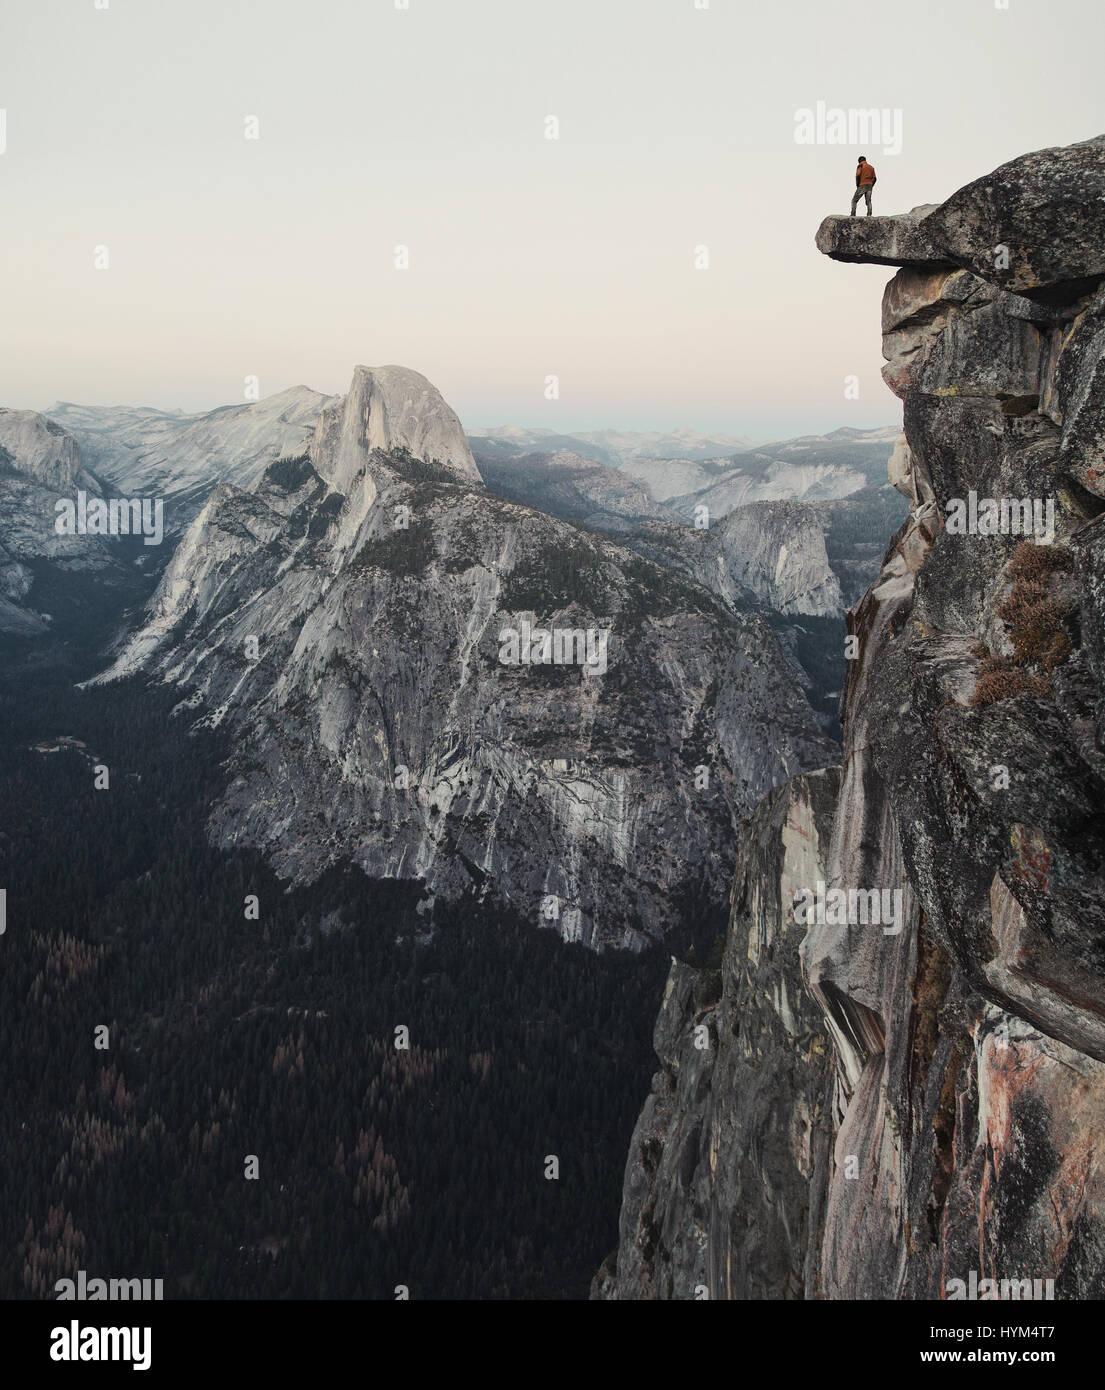 L'intrépide randonneur est debout sur un rocher en surplomb en profitant de la vue vers célèbre Demi Dôme à Glacier Point in Yosemite National Park, Californie Banque D'Images